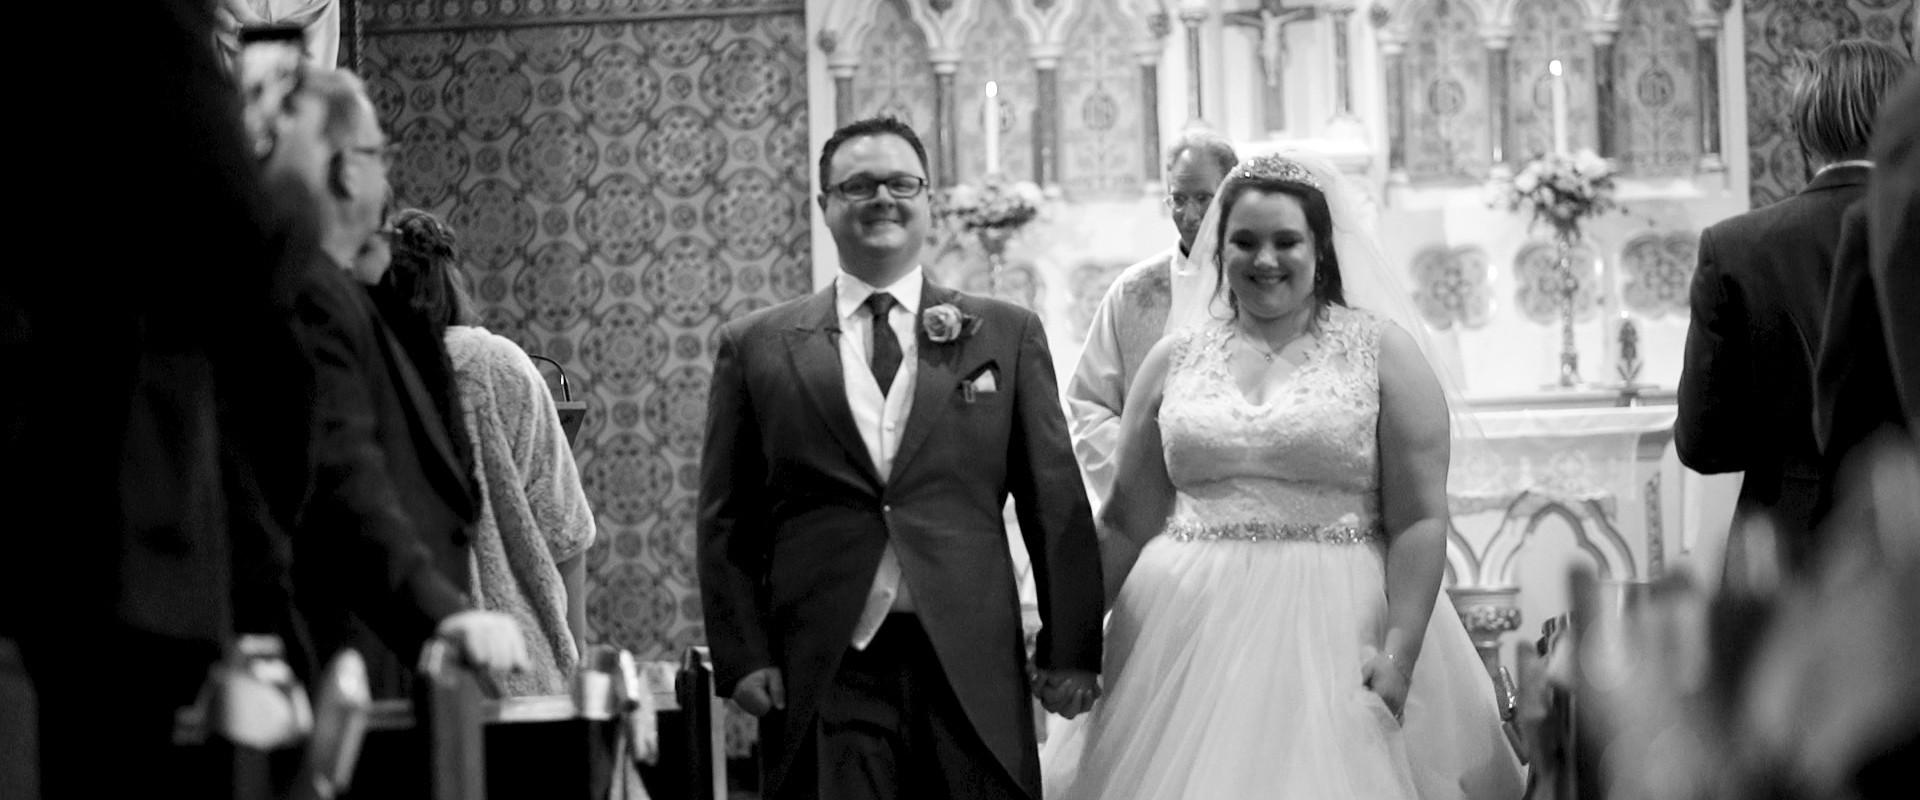 Wedding-ShortFilm-BW.00_04_07_22.Still03